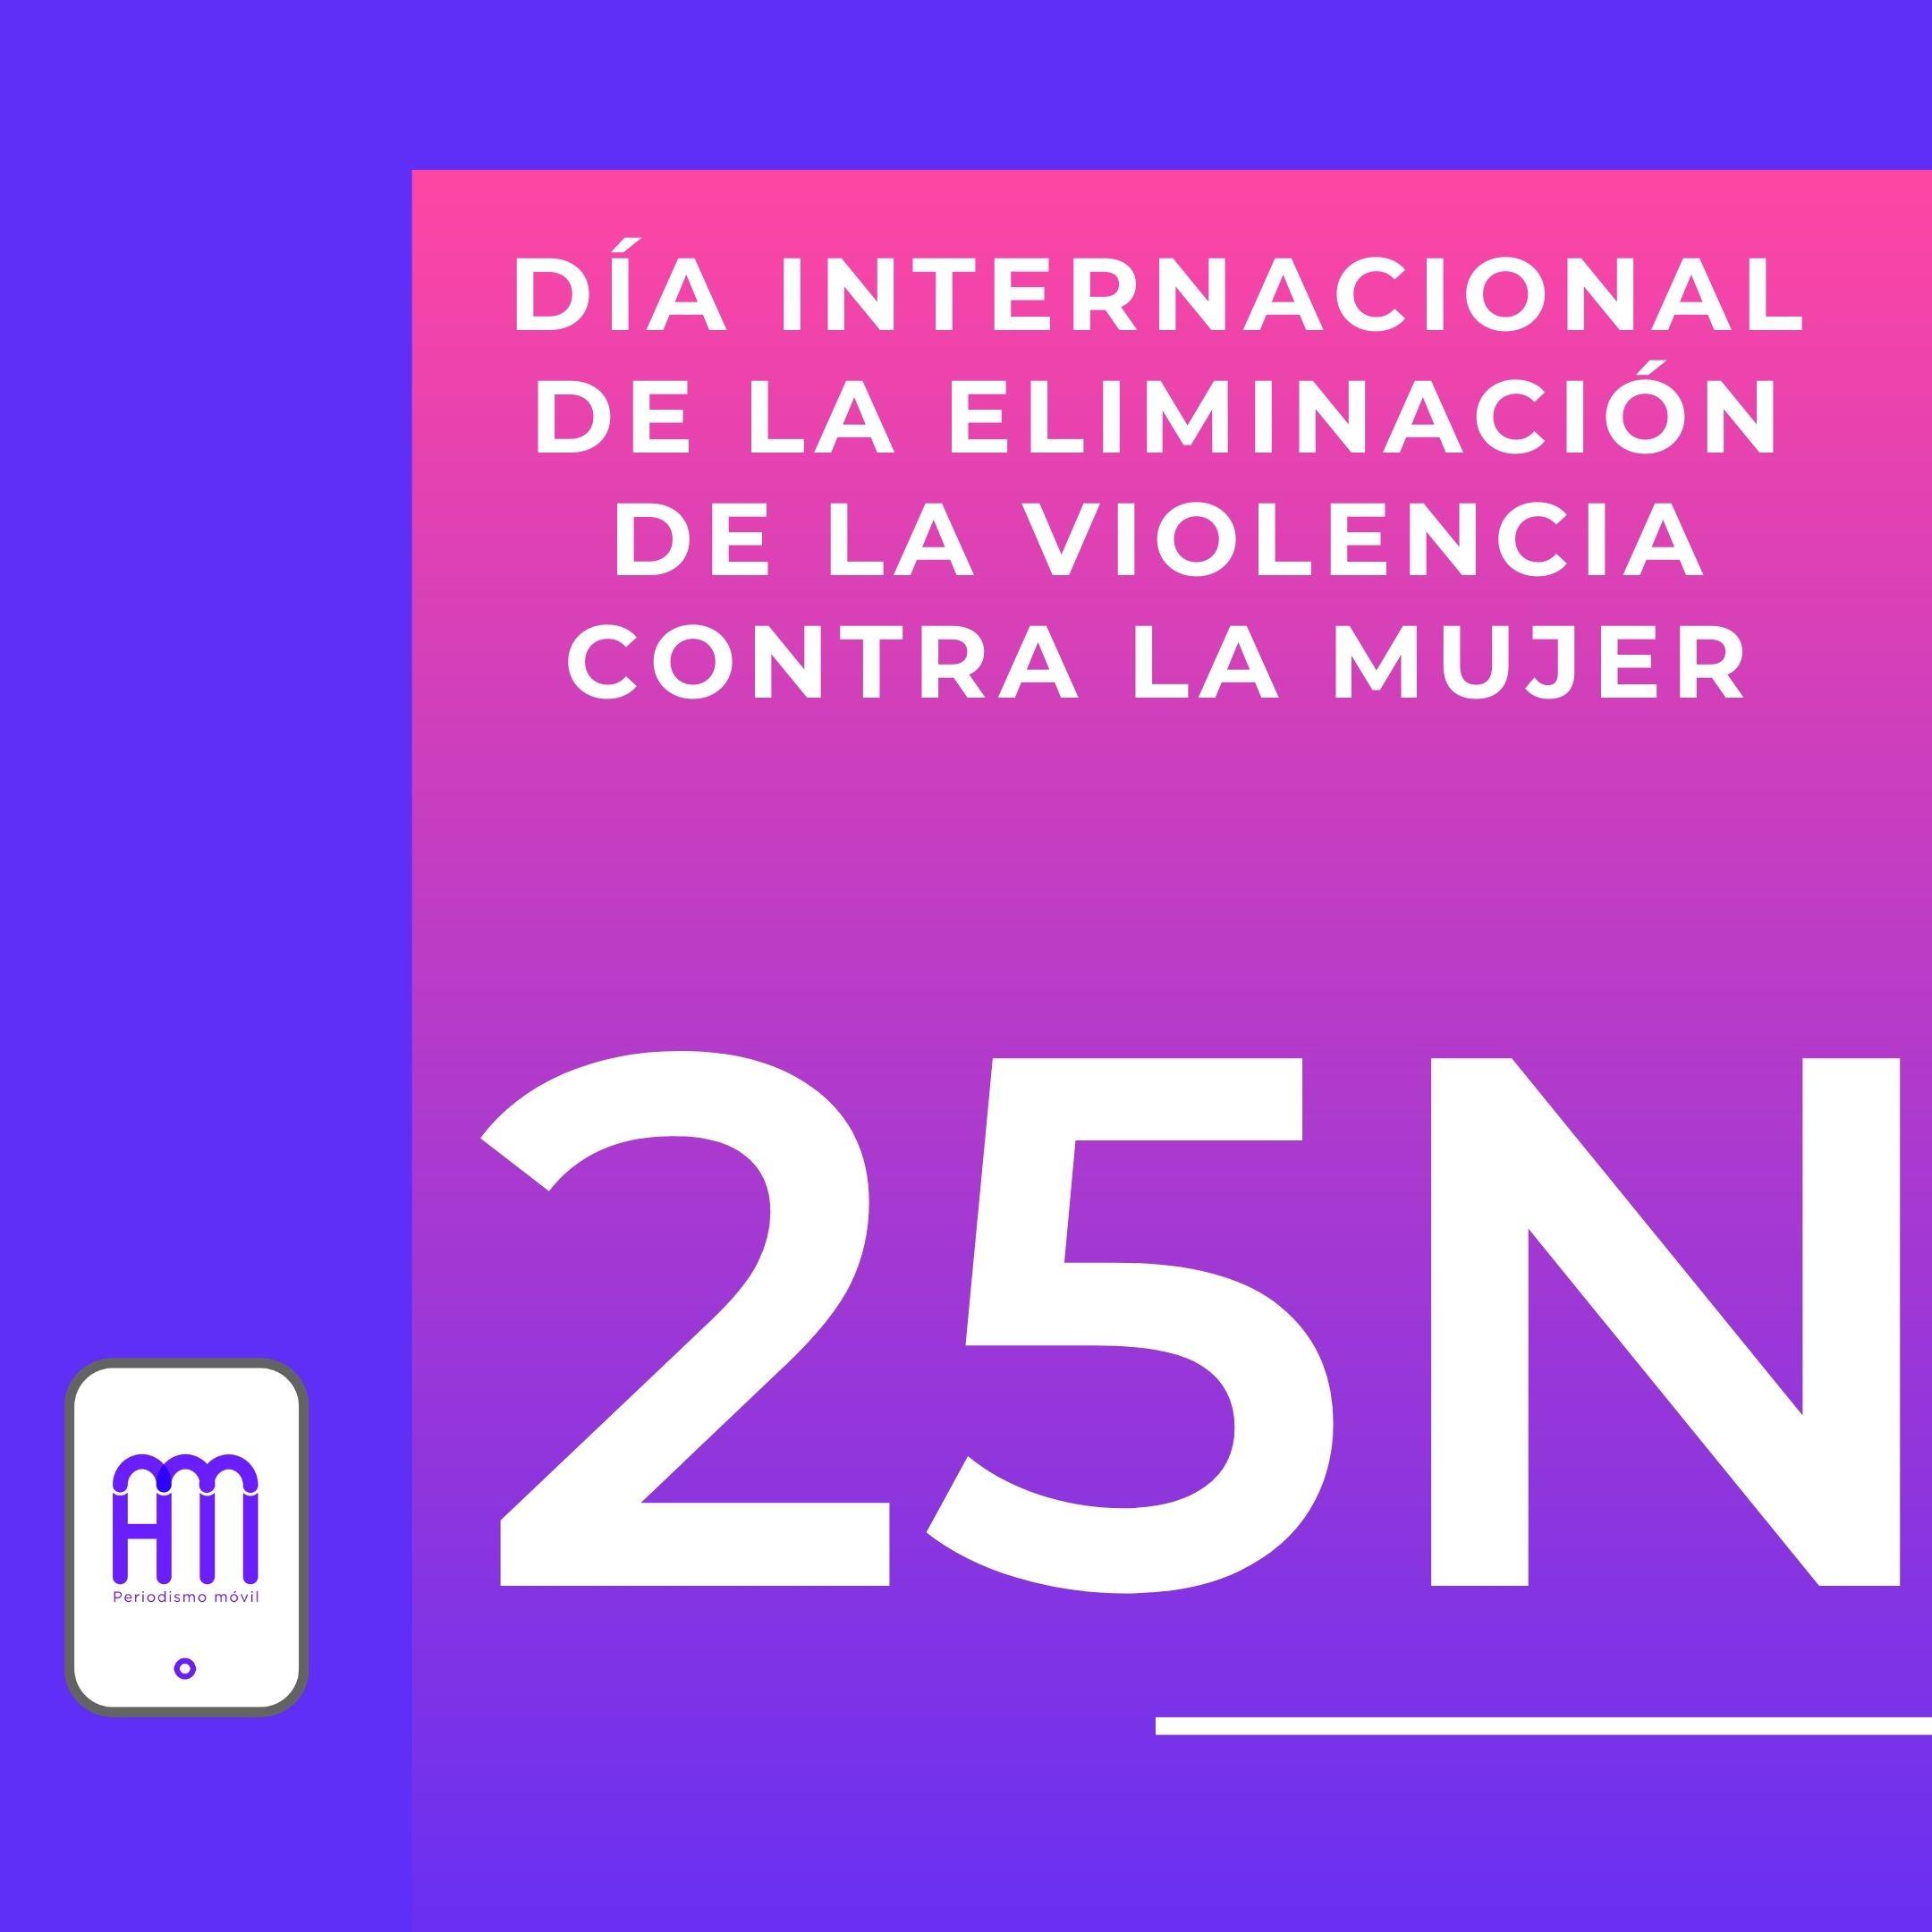 #Efemérides: 25 de noviembre, Día Internacional de la Eliminación de la Violencia contra la Mujer